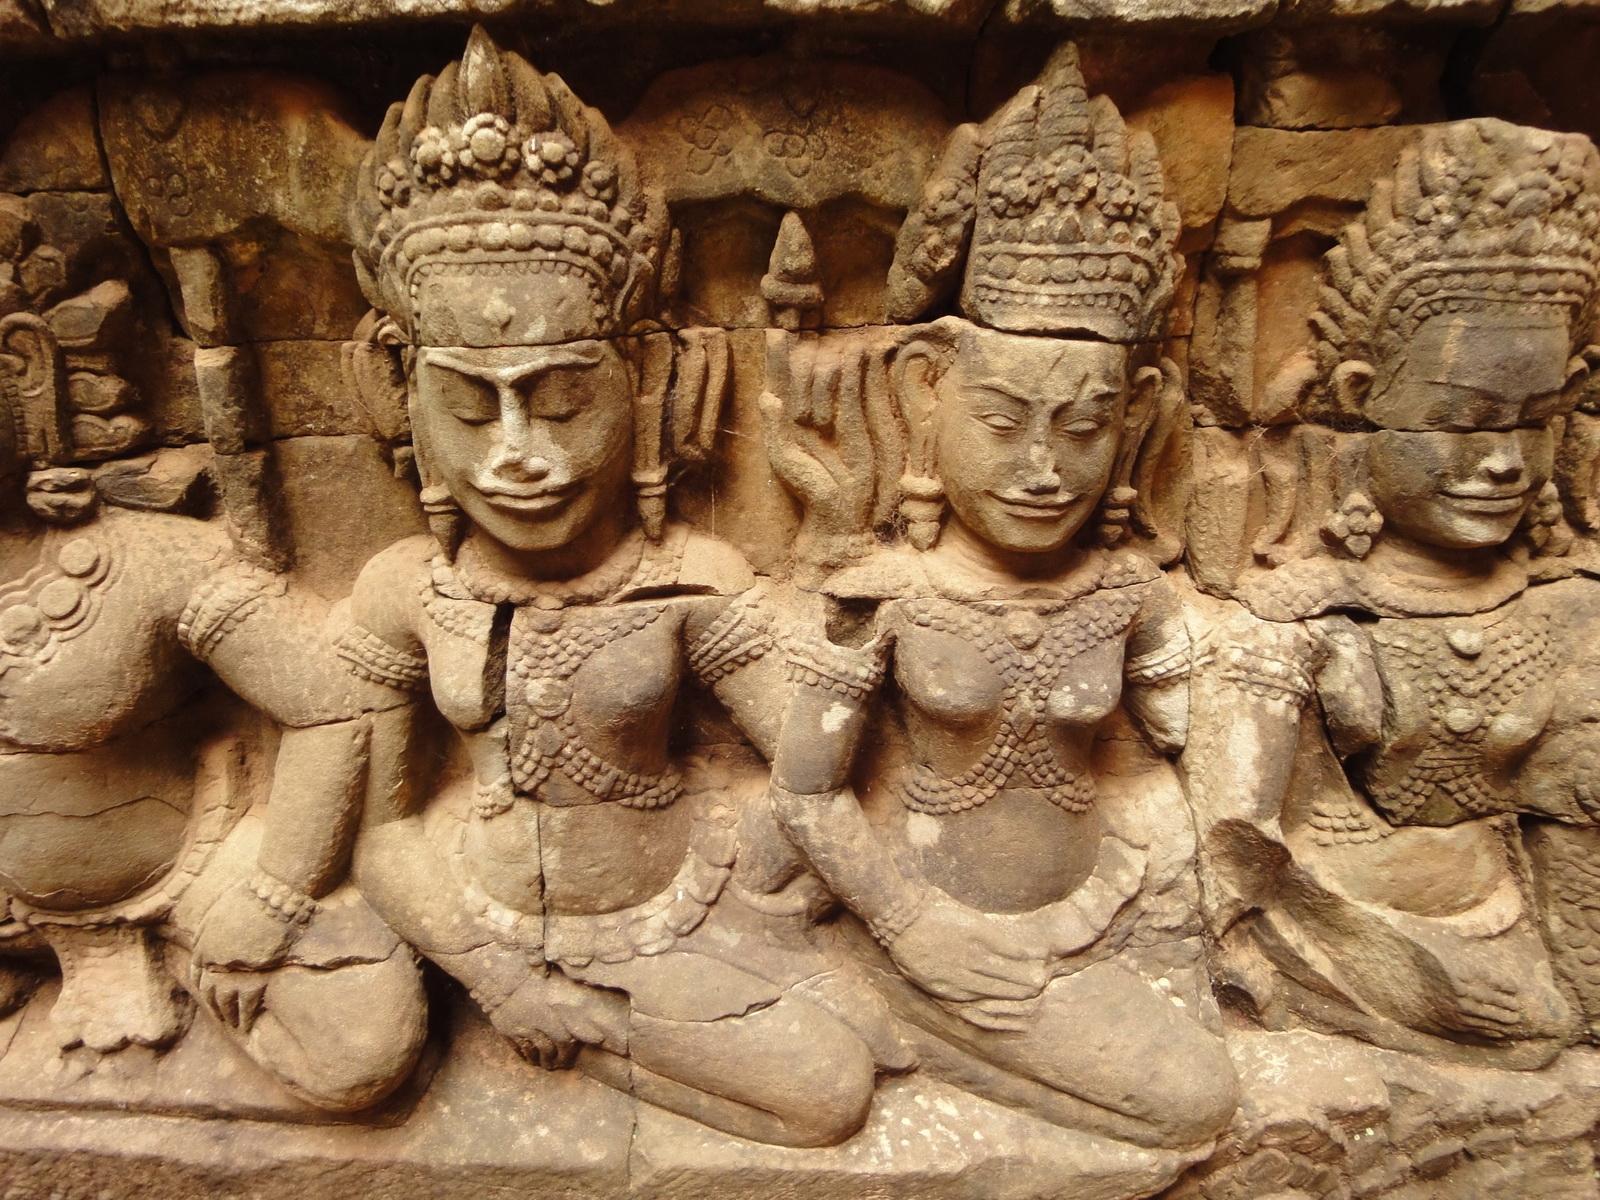 Leper King Terrace hidden wall underworld Nagas and deities 081